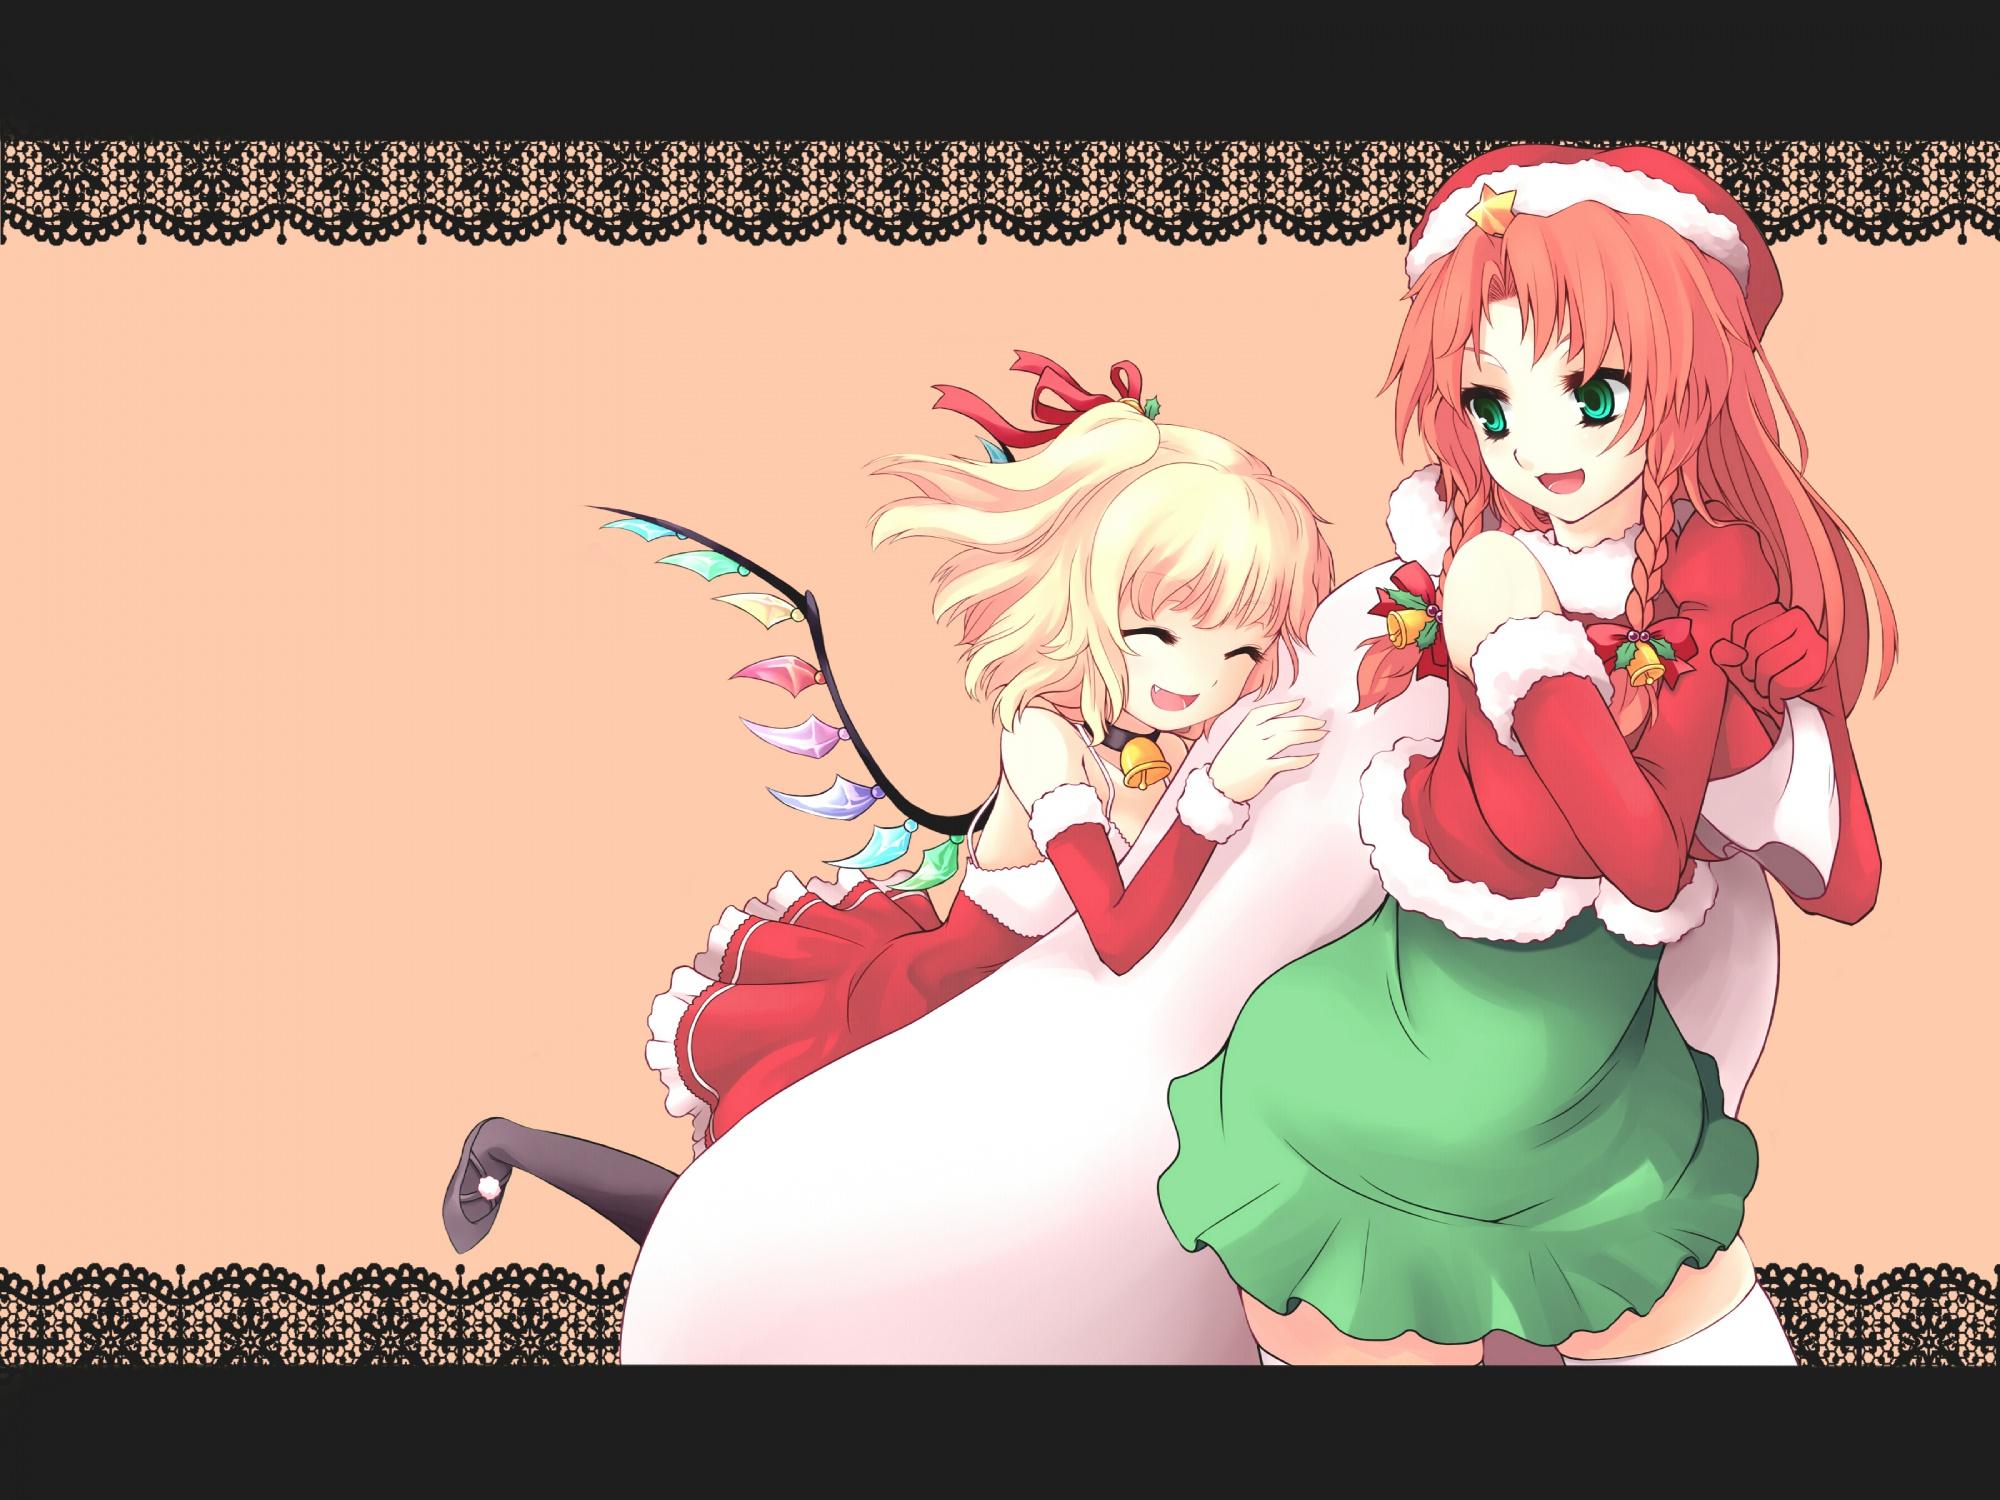 blonde_hair christmas flandre_scarlet green_eyes hong_meiling jungetsu_hoko long_hair red_hair ribbons santa_costume short_hair touhou vampire wings